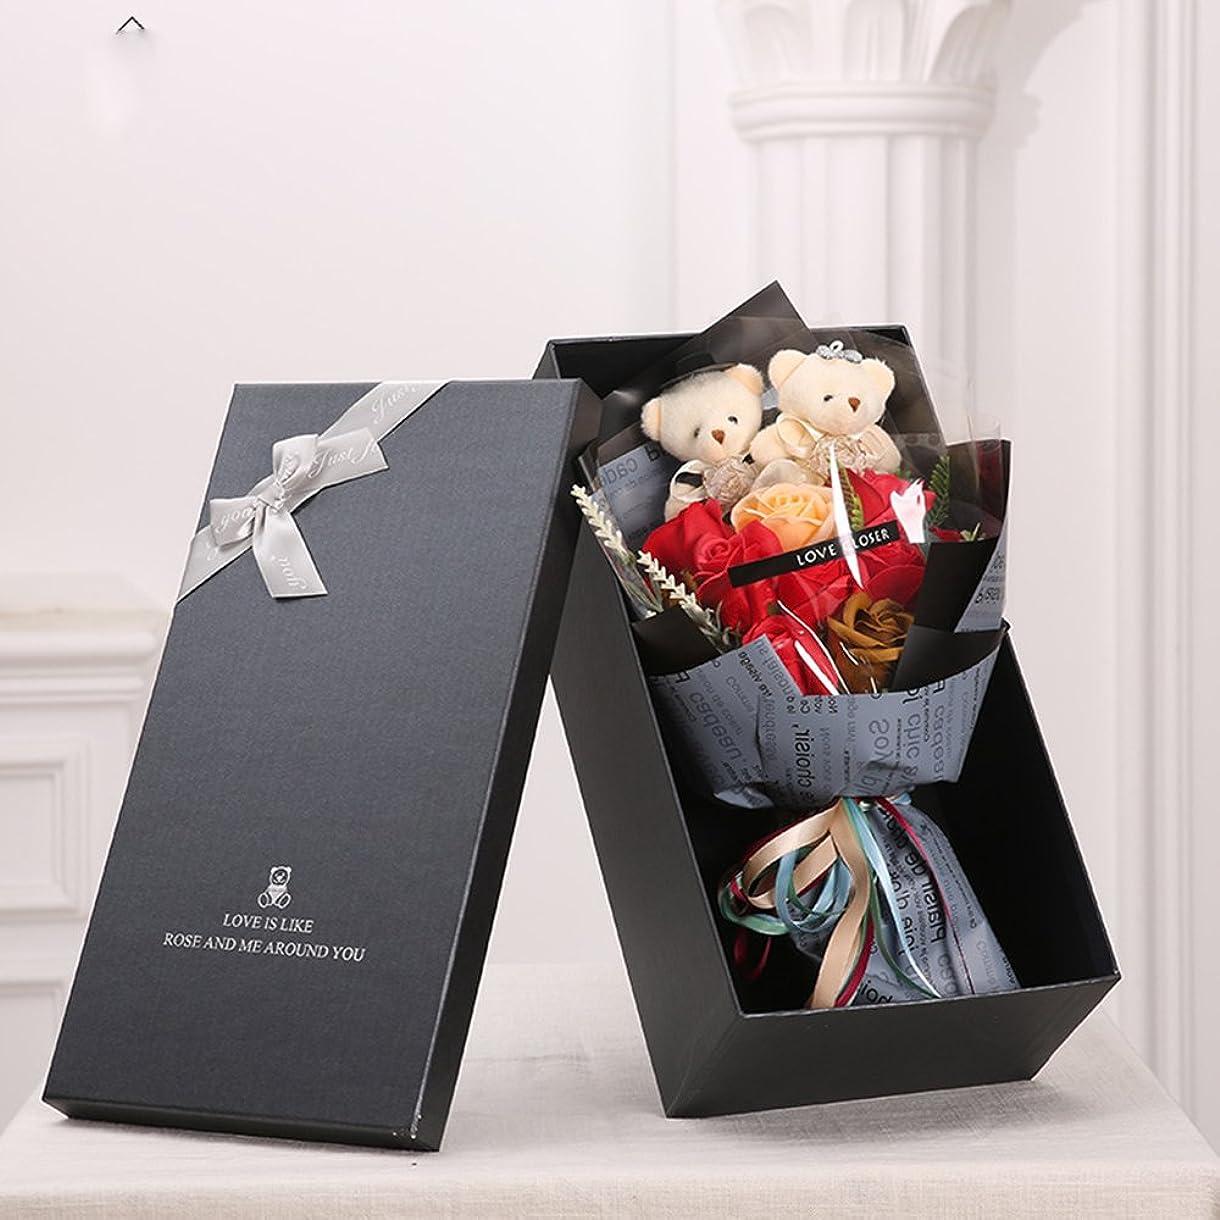 力オーバーヘッドテスピアンMINENA ソープフラワー 石鹸 花 バラ 造花 花束 二つクマの人形が付き 母の日 誕生日 結婚祝い 結婚記念日バレンタインデー のプレゼントにお勧め (レッド)